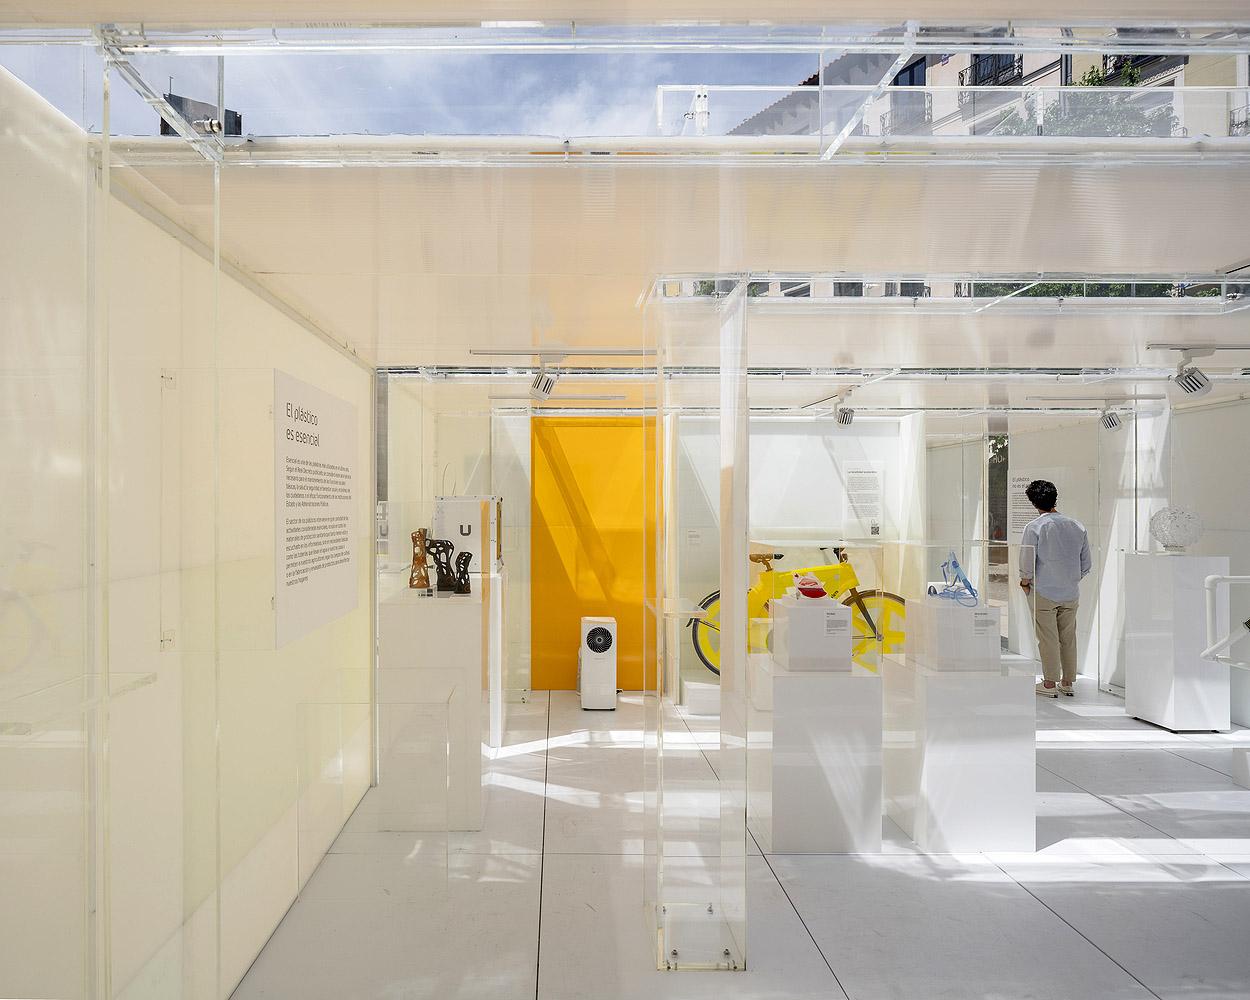 Museo-del-Plastico-delavegacanolasso-Imagen-Subliminal-03